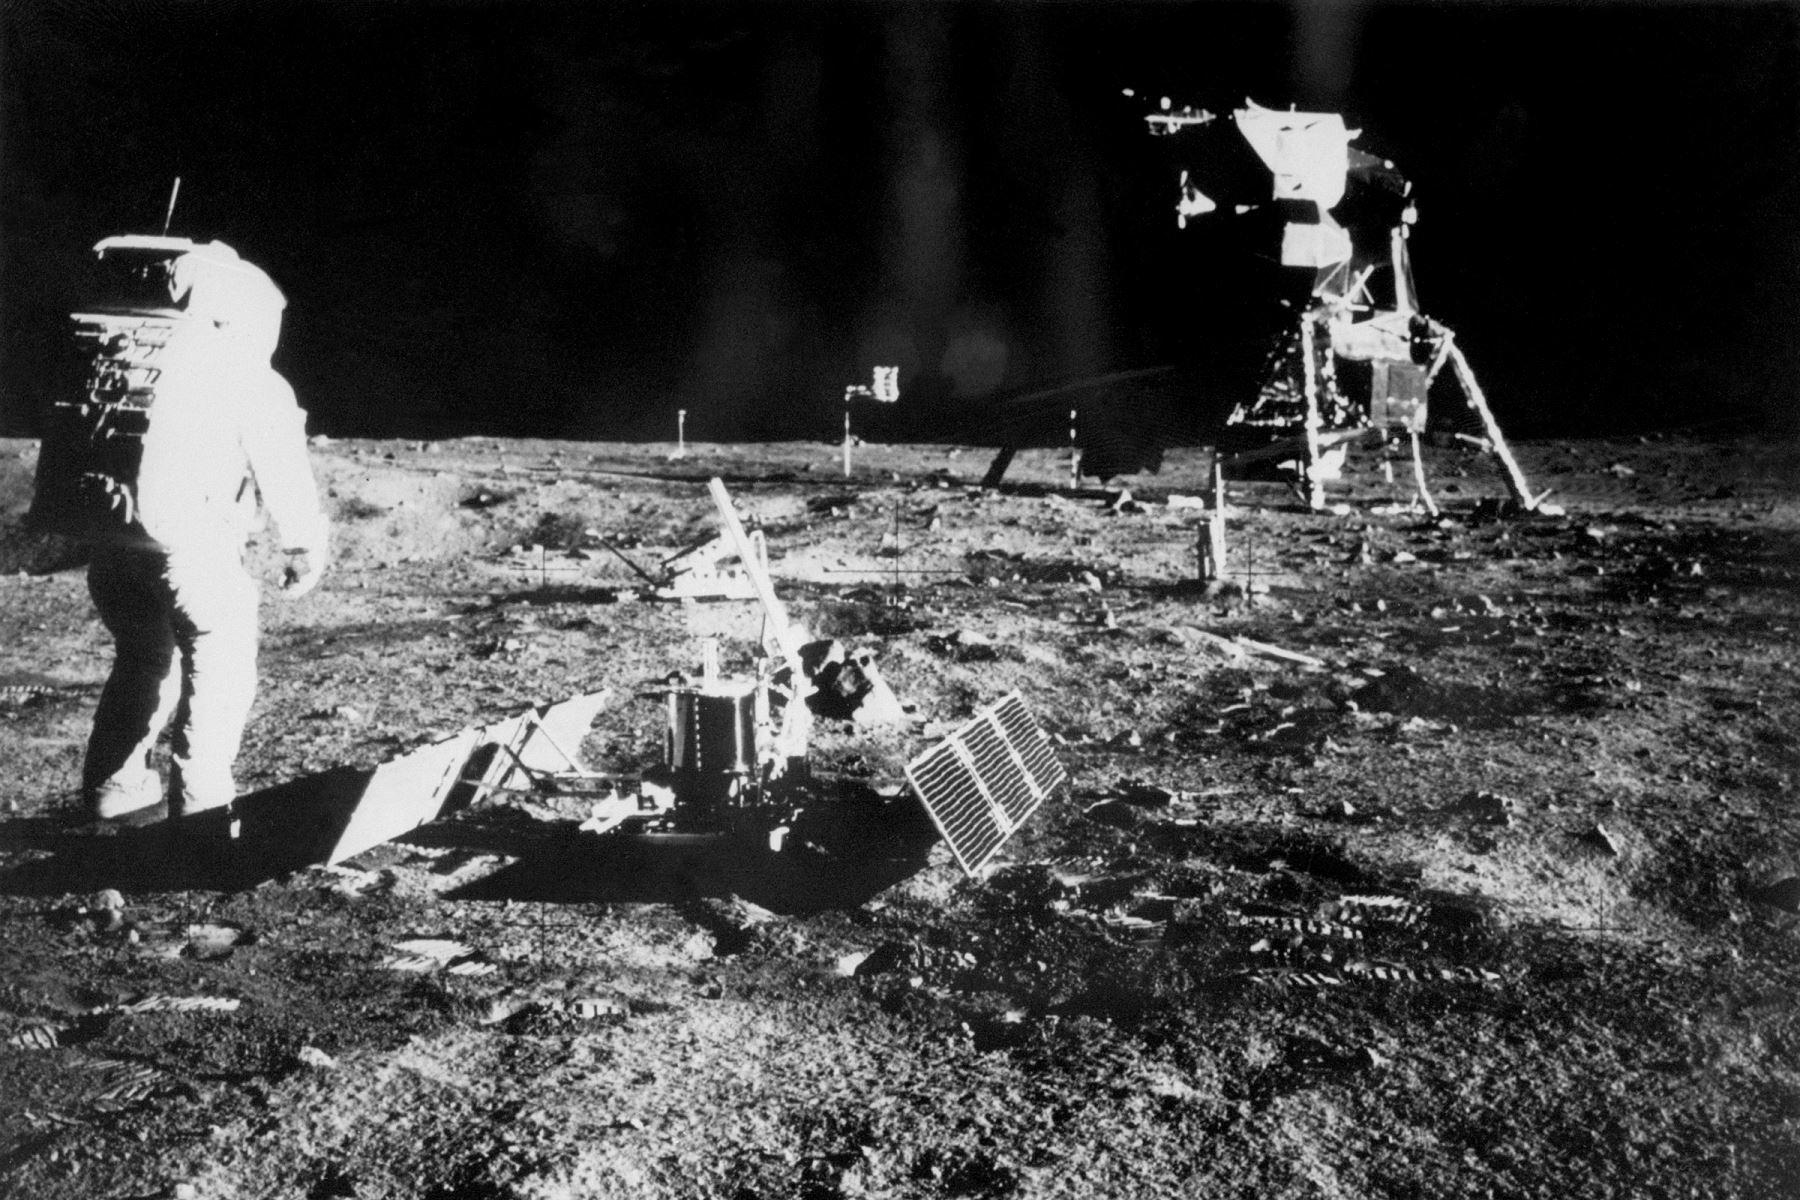 El cosmonauta estadounidense Buzz Aldrin (L) está parado cerca del Módulo Lunar (LM) mientras camina por la Luna hasta el 20 de julio de 1969 durante la misión espacial Apollo XI. Foto: AFP